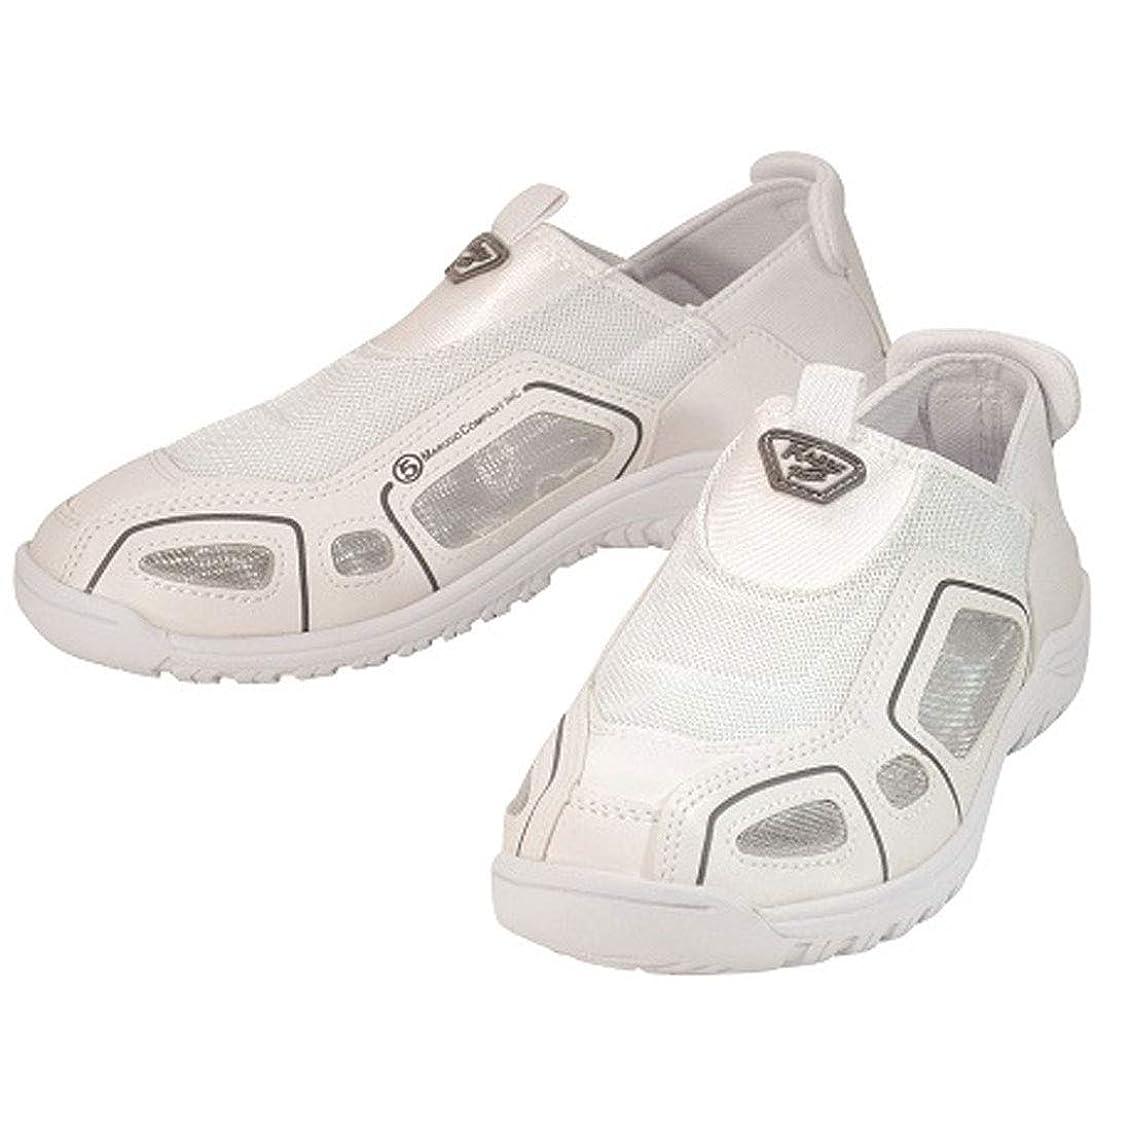 ヘッドレスライラック記念品安全靴 スニーカー クレオスプラス 作業靴 マルゴ 安全シューズ カカトが踏める 先芯なし 白 ホワイト 男性 メンズ 女性 レディース 靴 シューズ